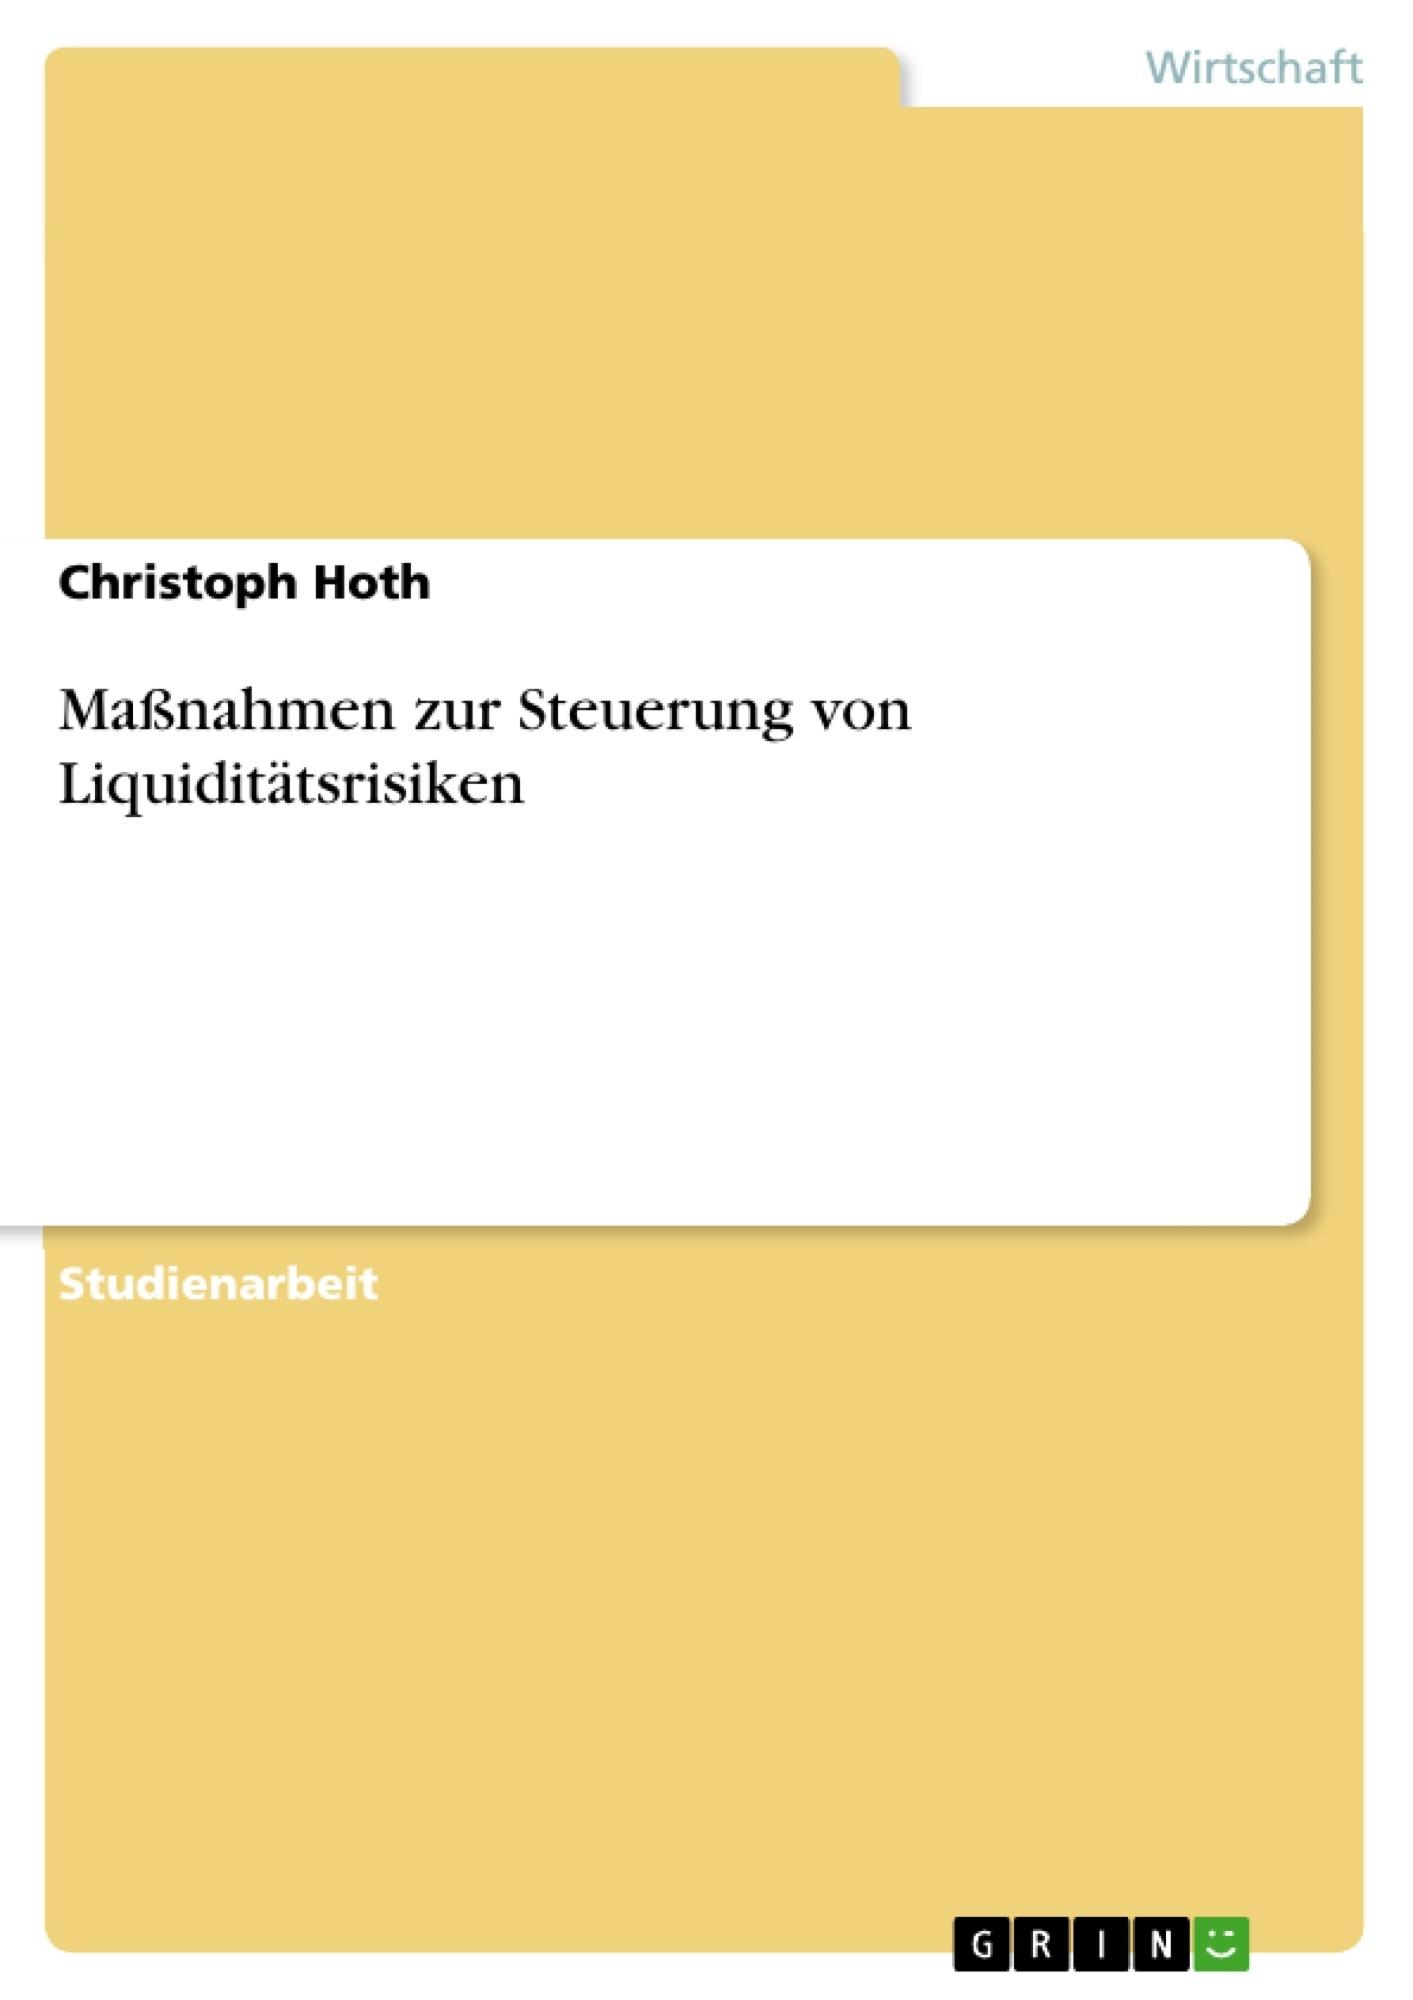 Titel: Maßnahmen zur Steuerung von Liquiditätsrisiken